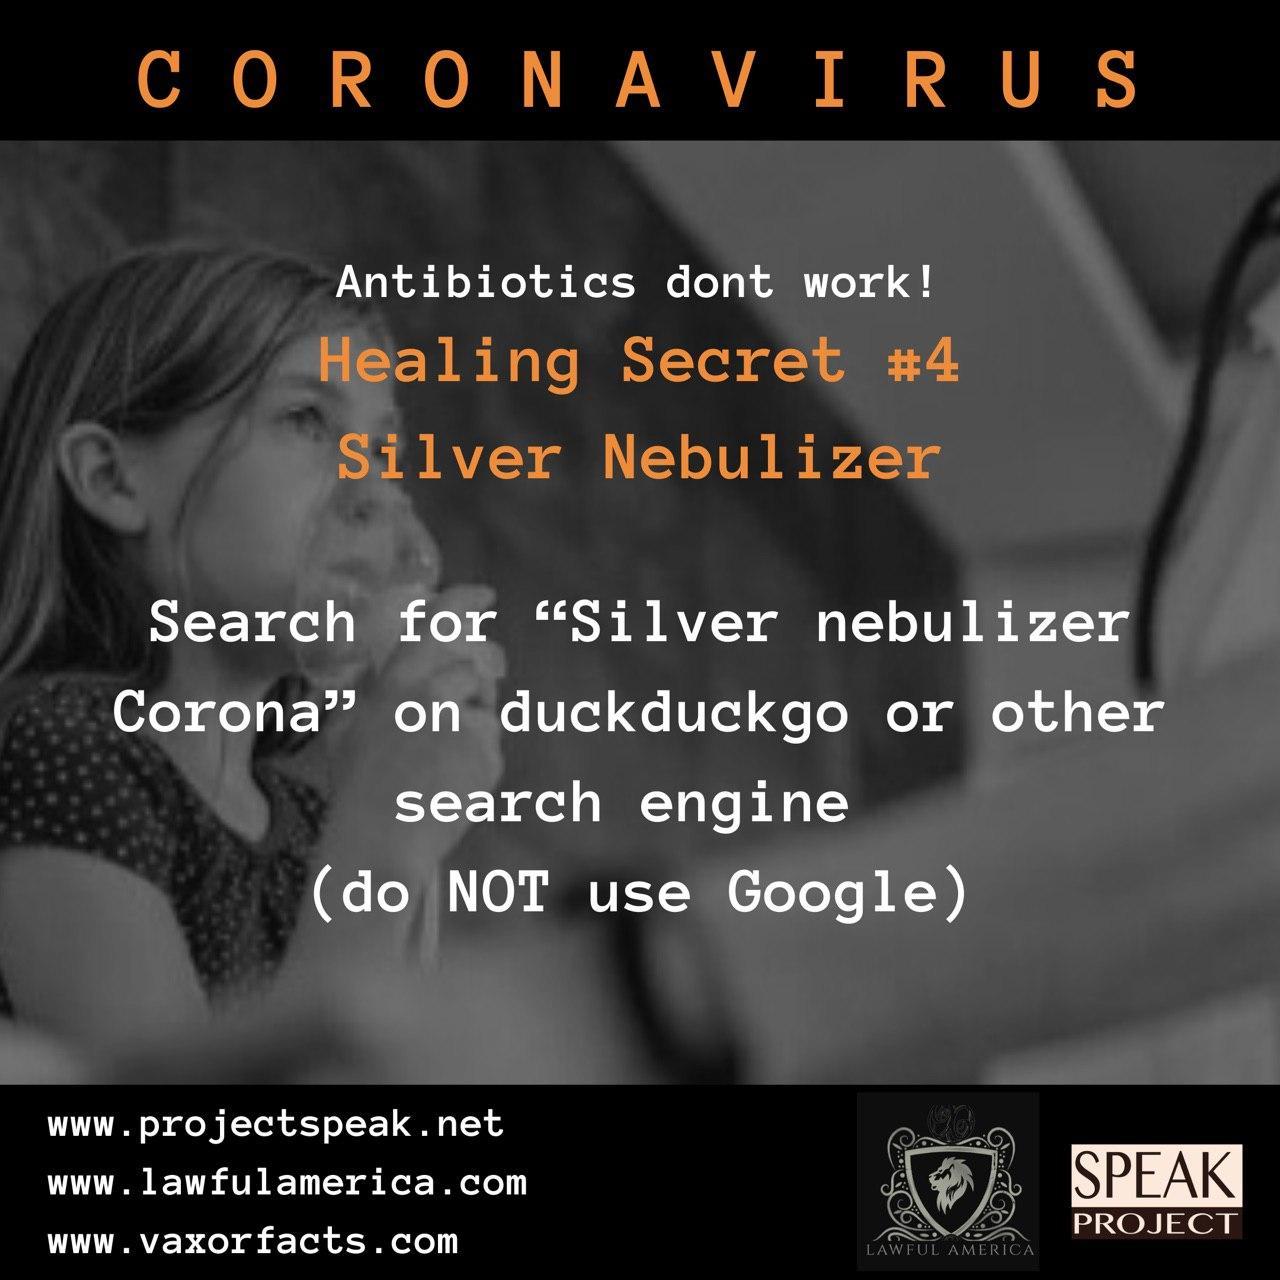 Coronavirus - Healing Secret #4